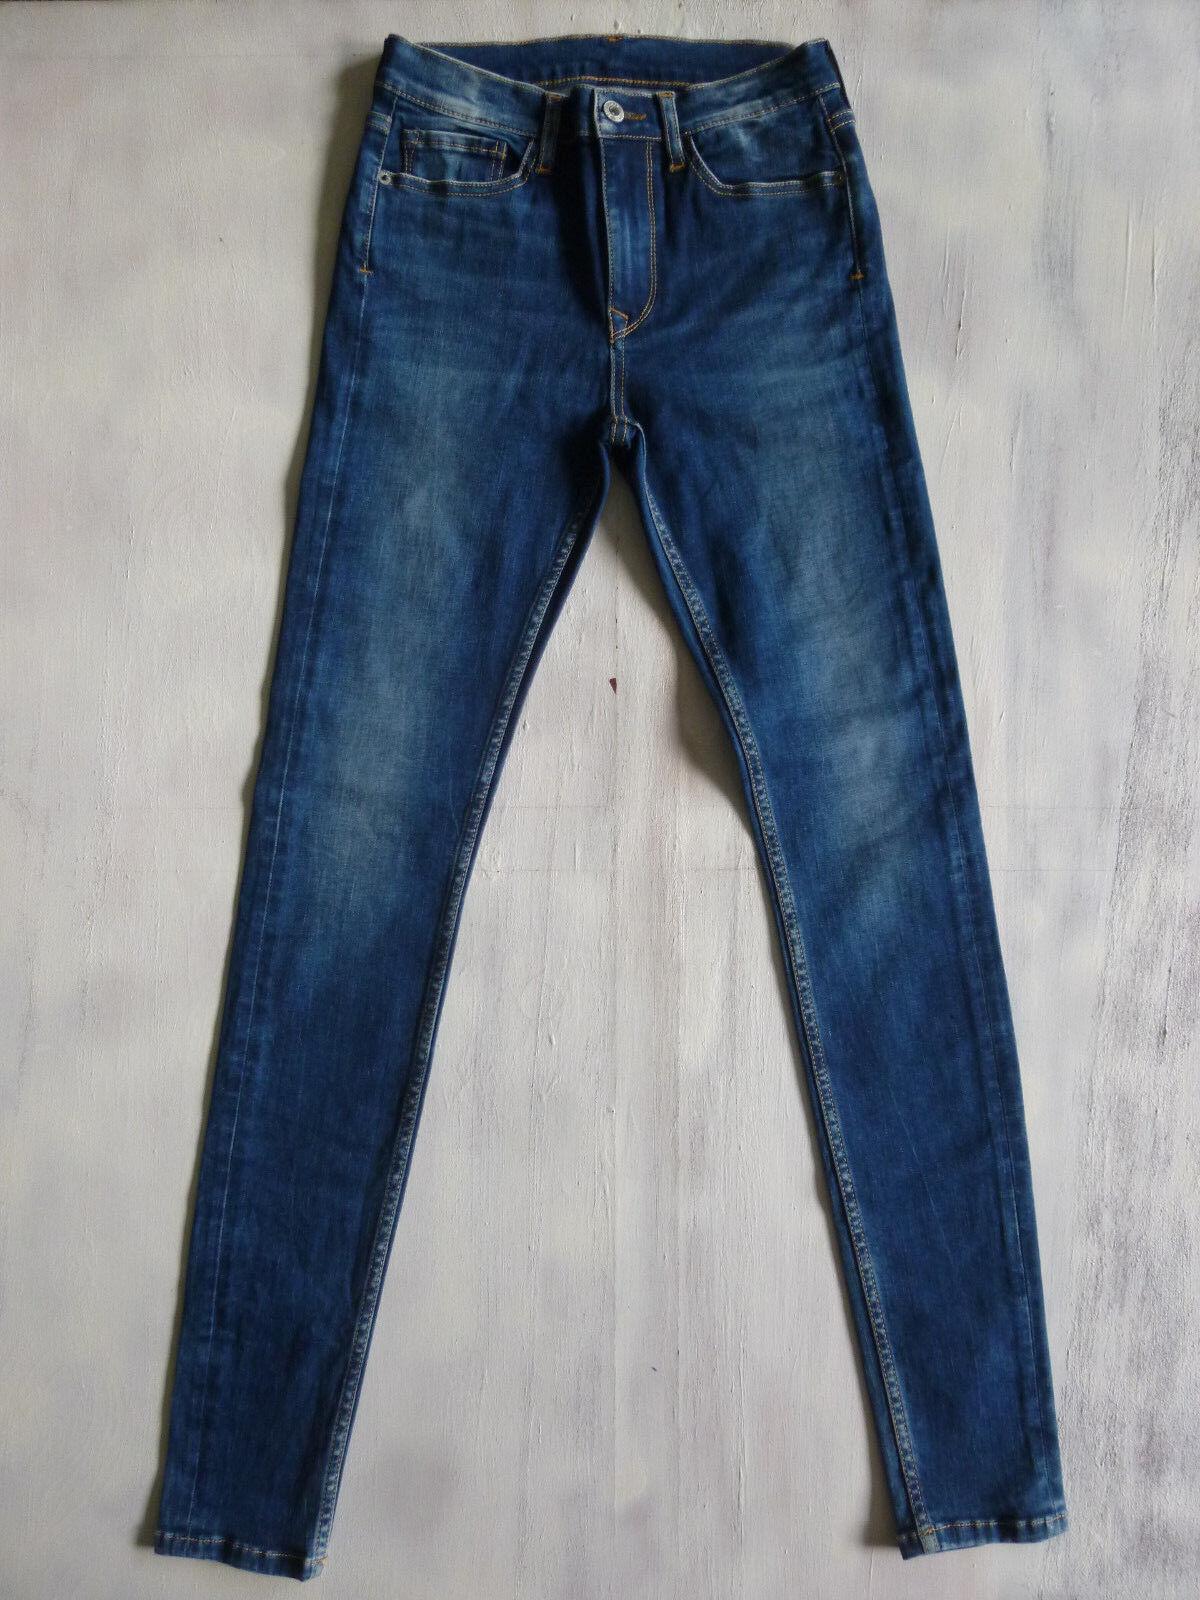 Pepe London Woman SRW-015 Super-SKINNY mid-high Jeans Hose Gr 34 36 W27 L32 Neu